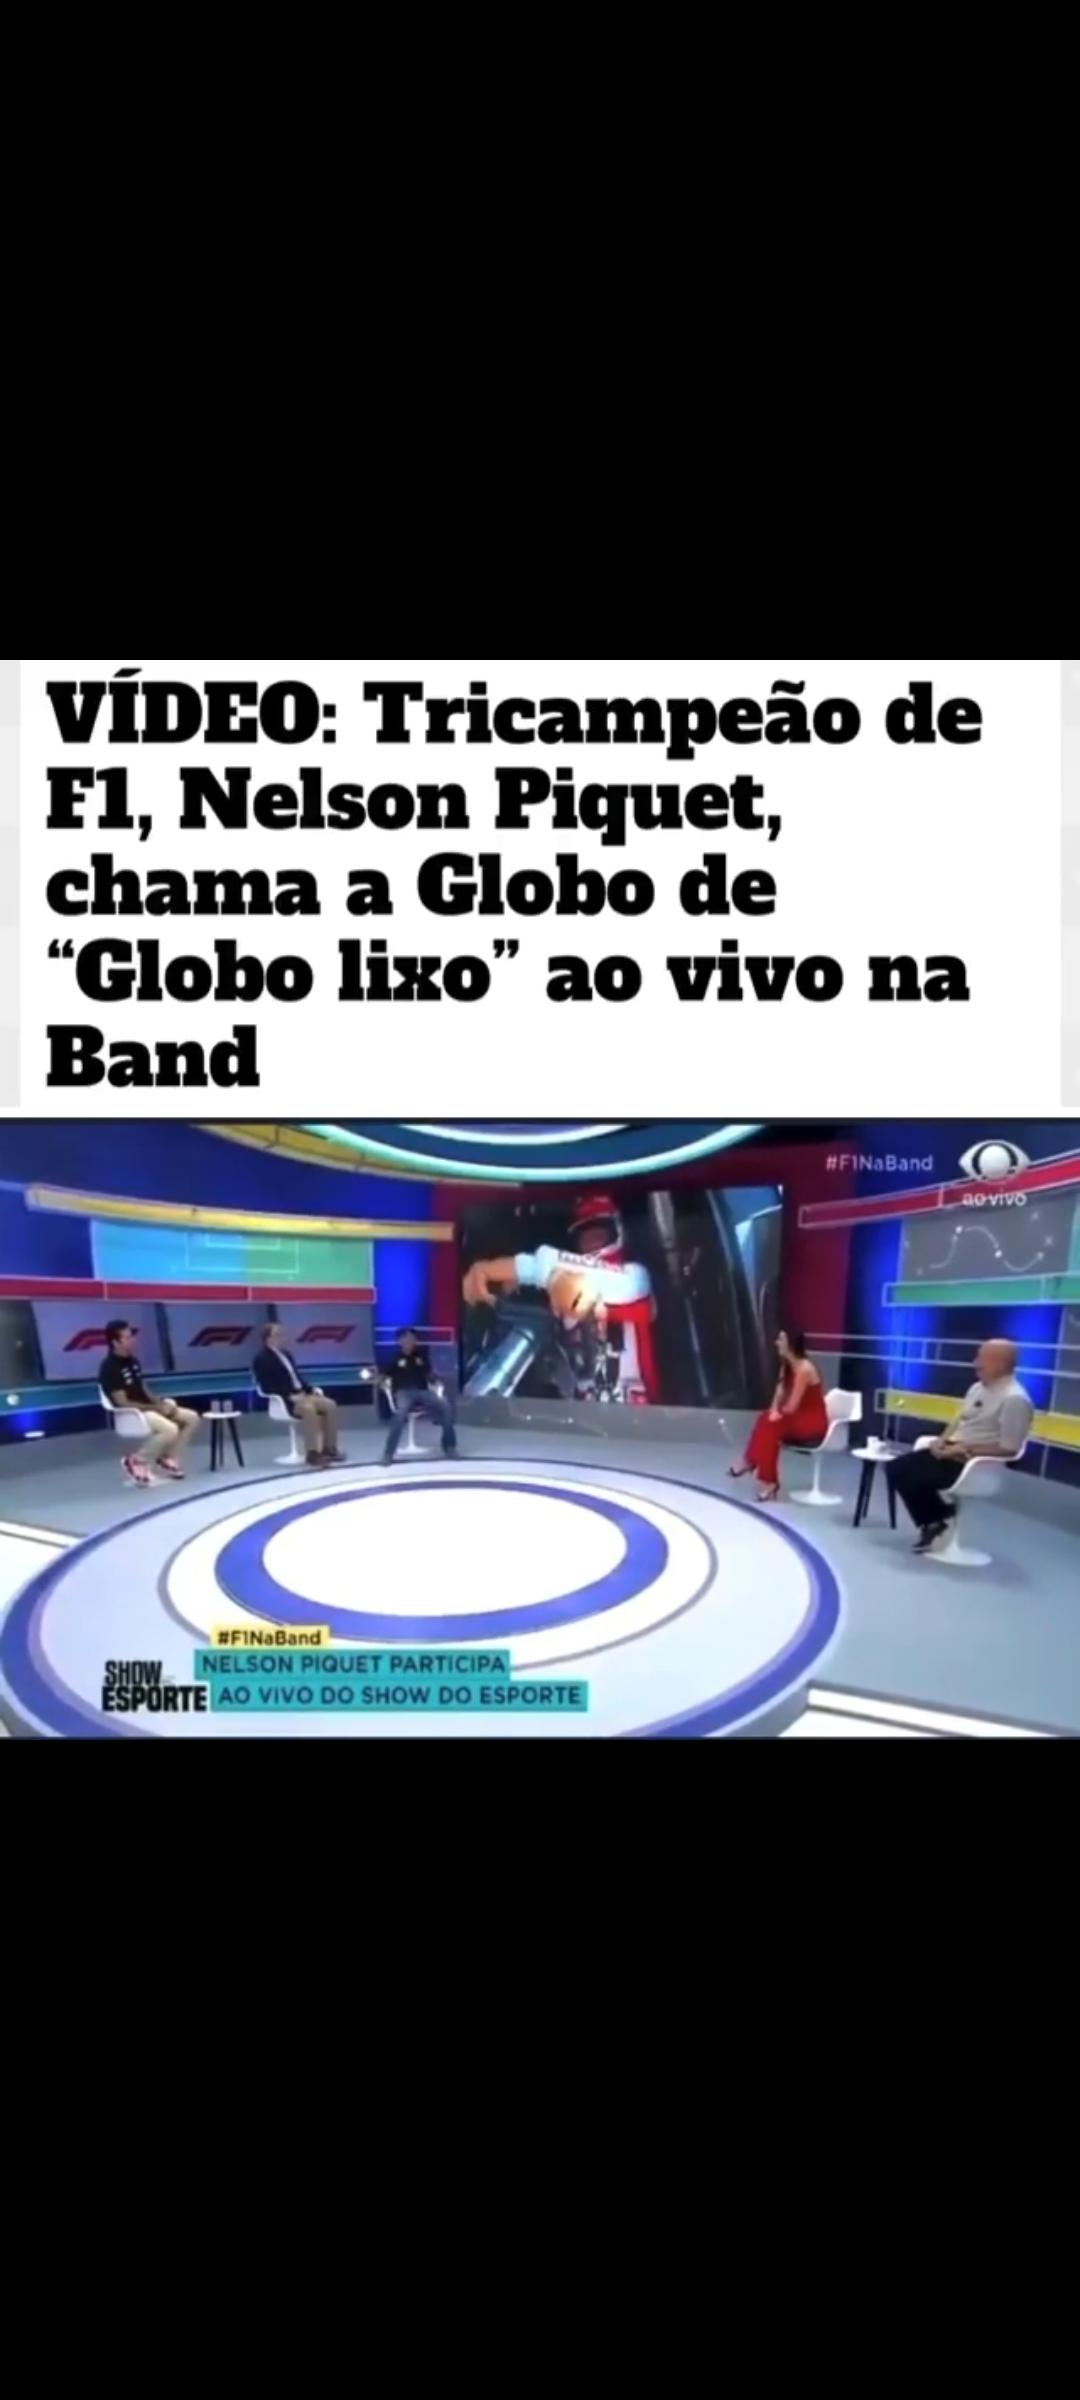 """Nelson Piquet chama rede Globo de """"Globo lixo"""" ao vivo em programa da BAND, VEJA O VÍDEO"""